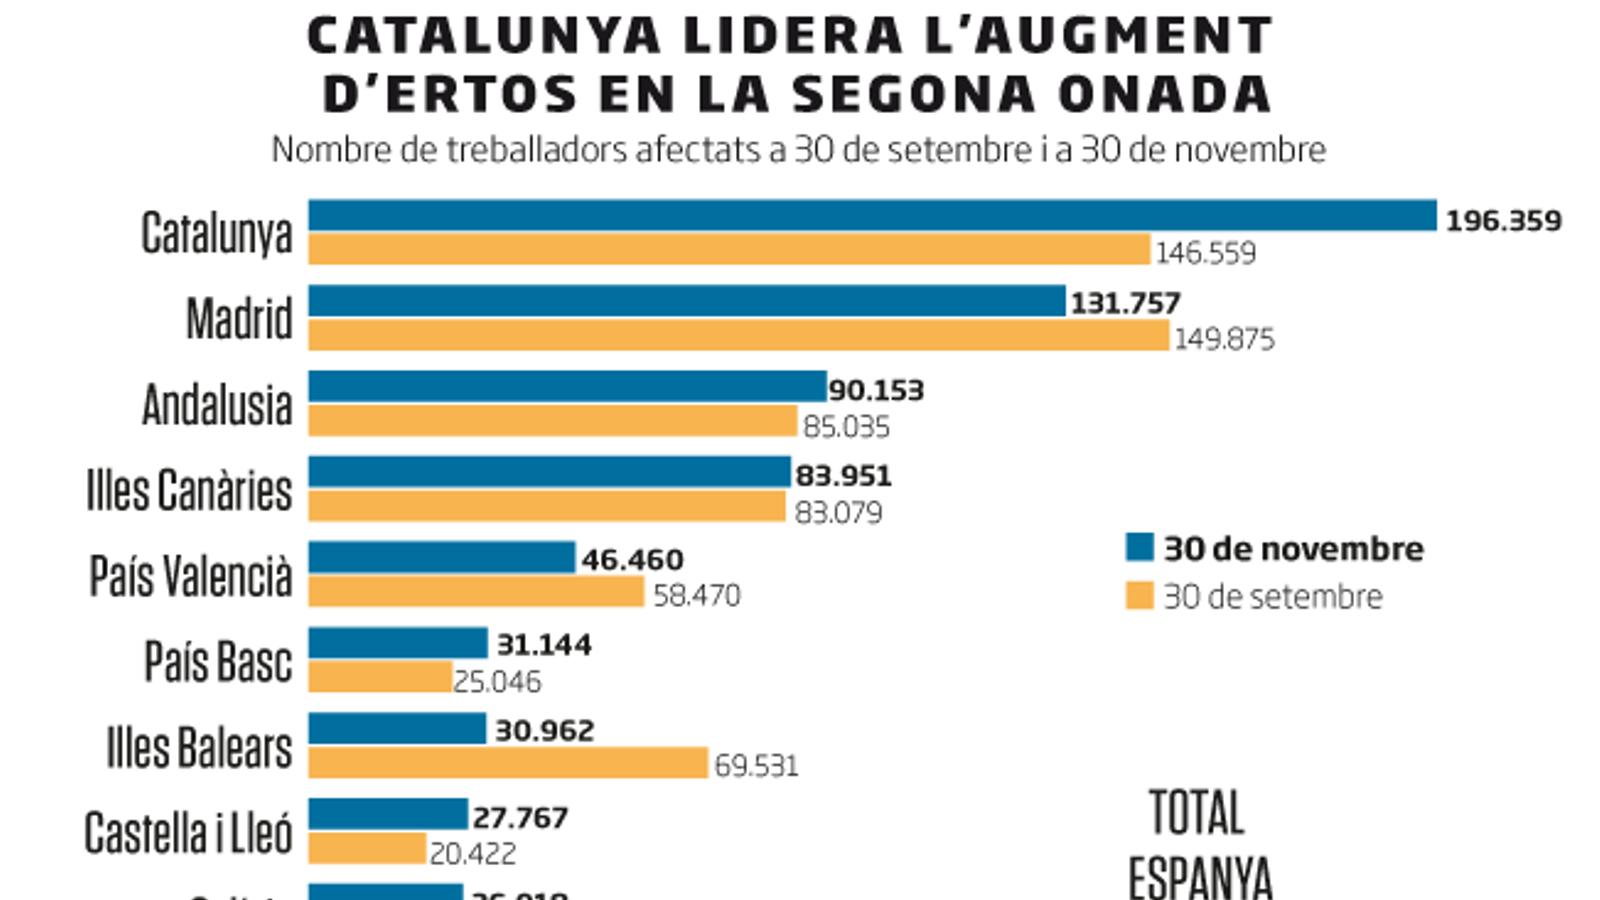 Catalunya concentra el 26% dels afectats d'ERTO a Espanya mentre l'atur s'estabilitza